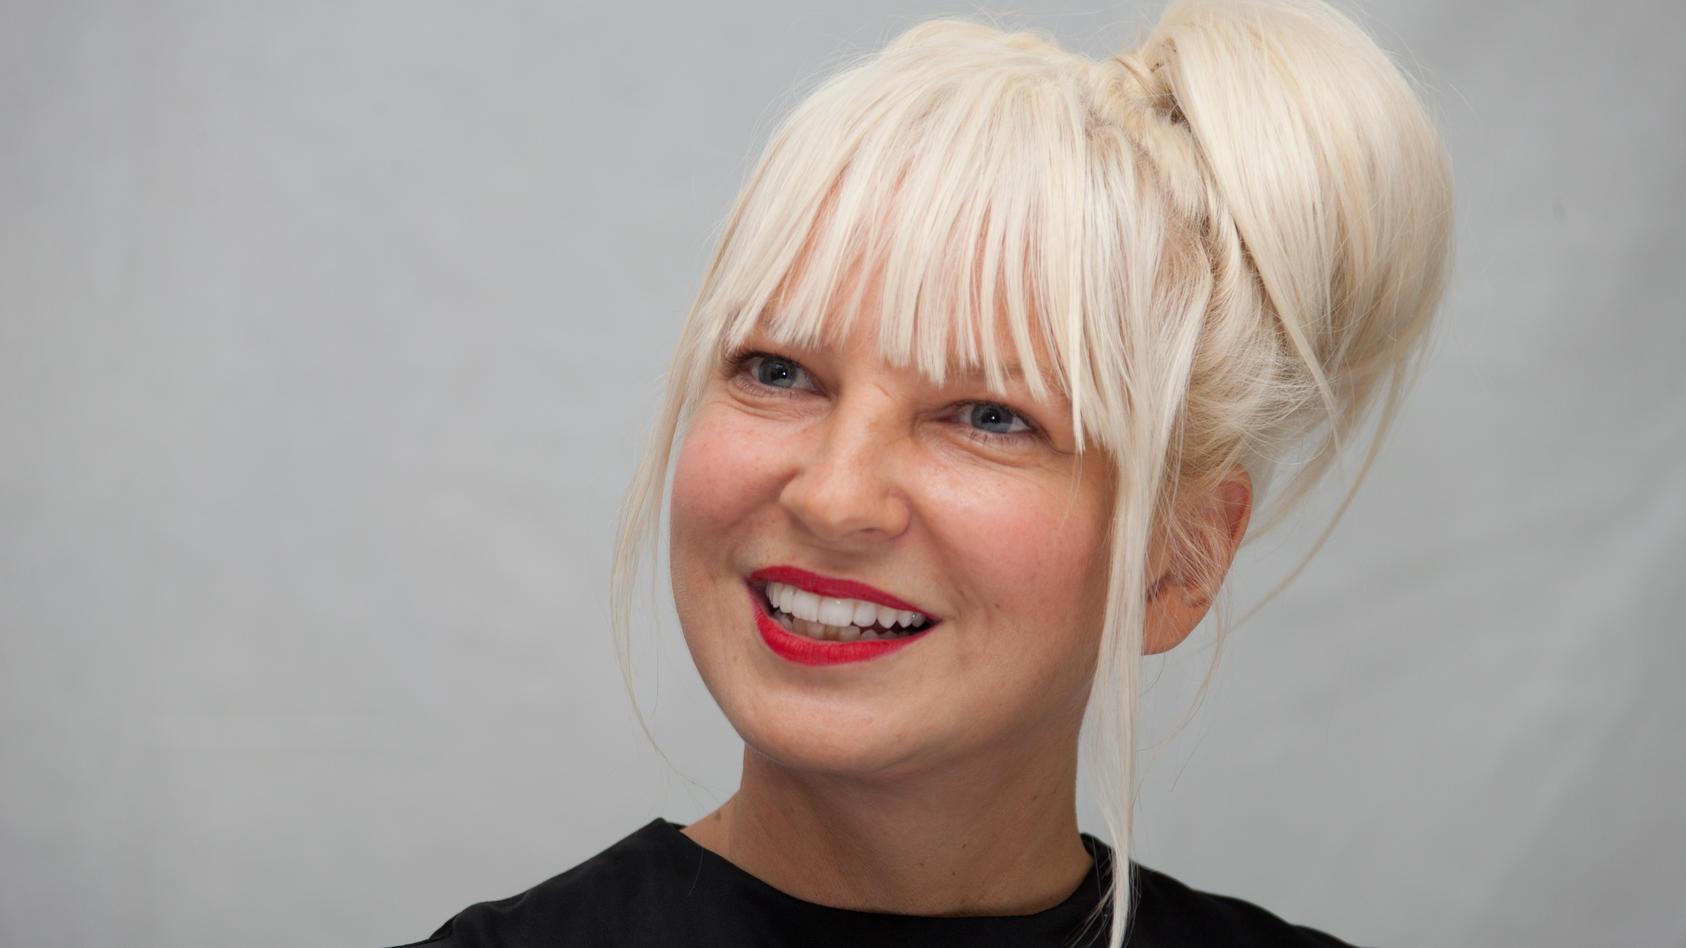 Sängerin Sia hat überraschenderweise offen über ihr Privatleben gesprochen.